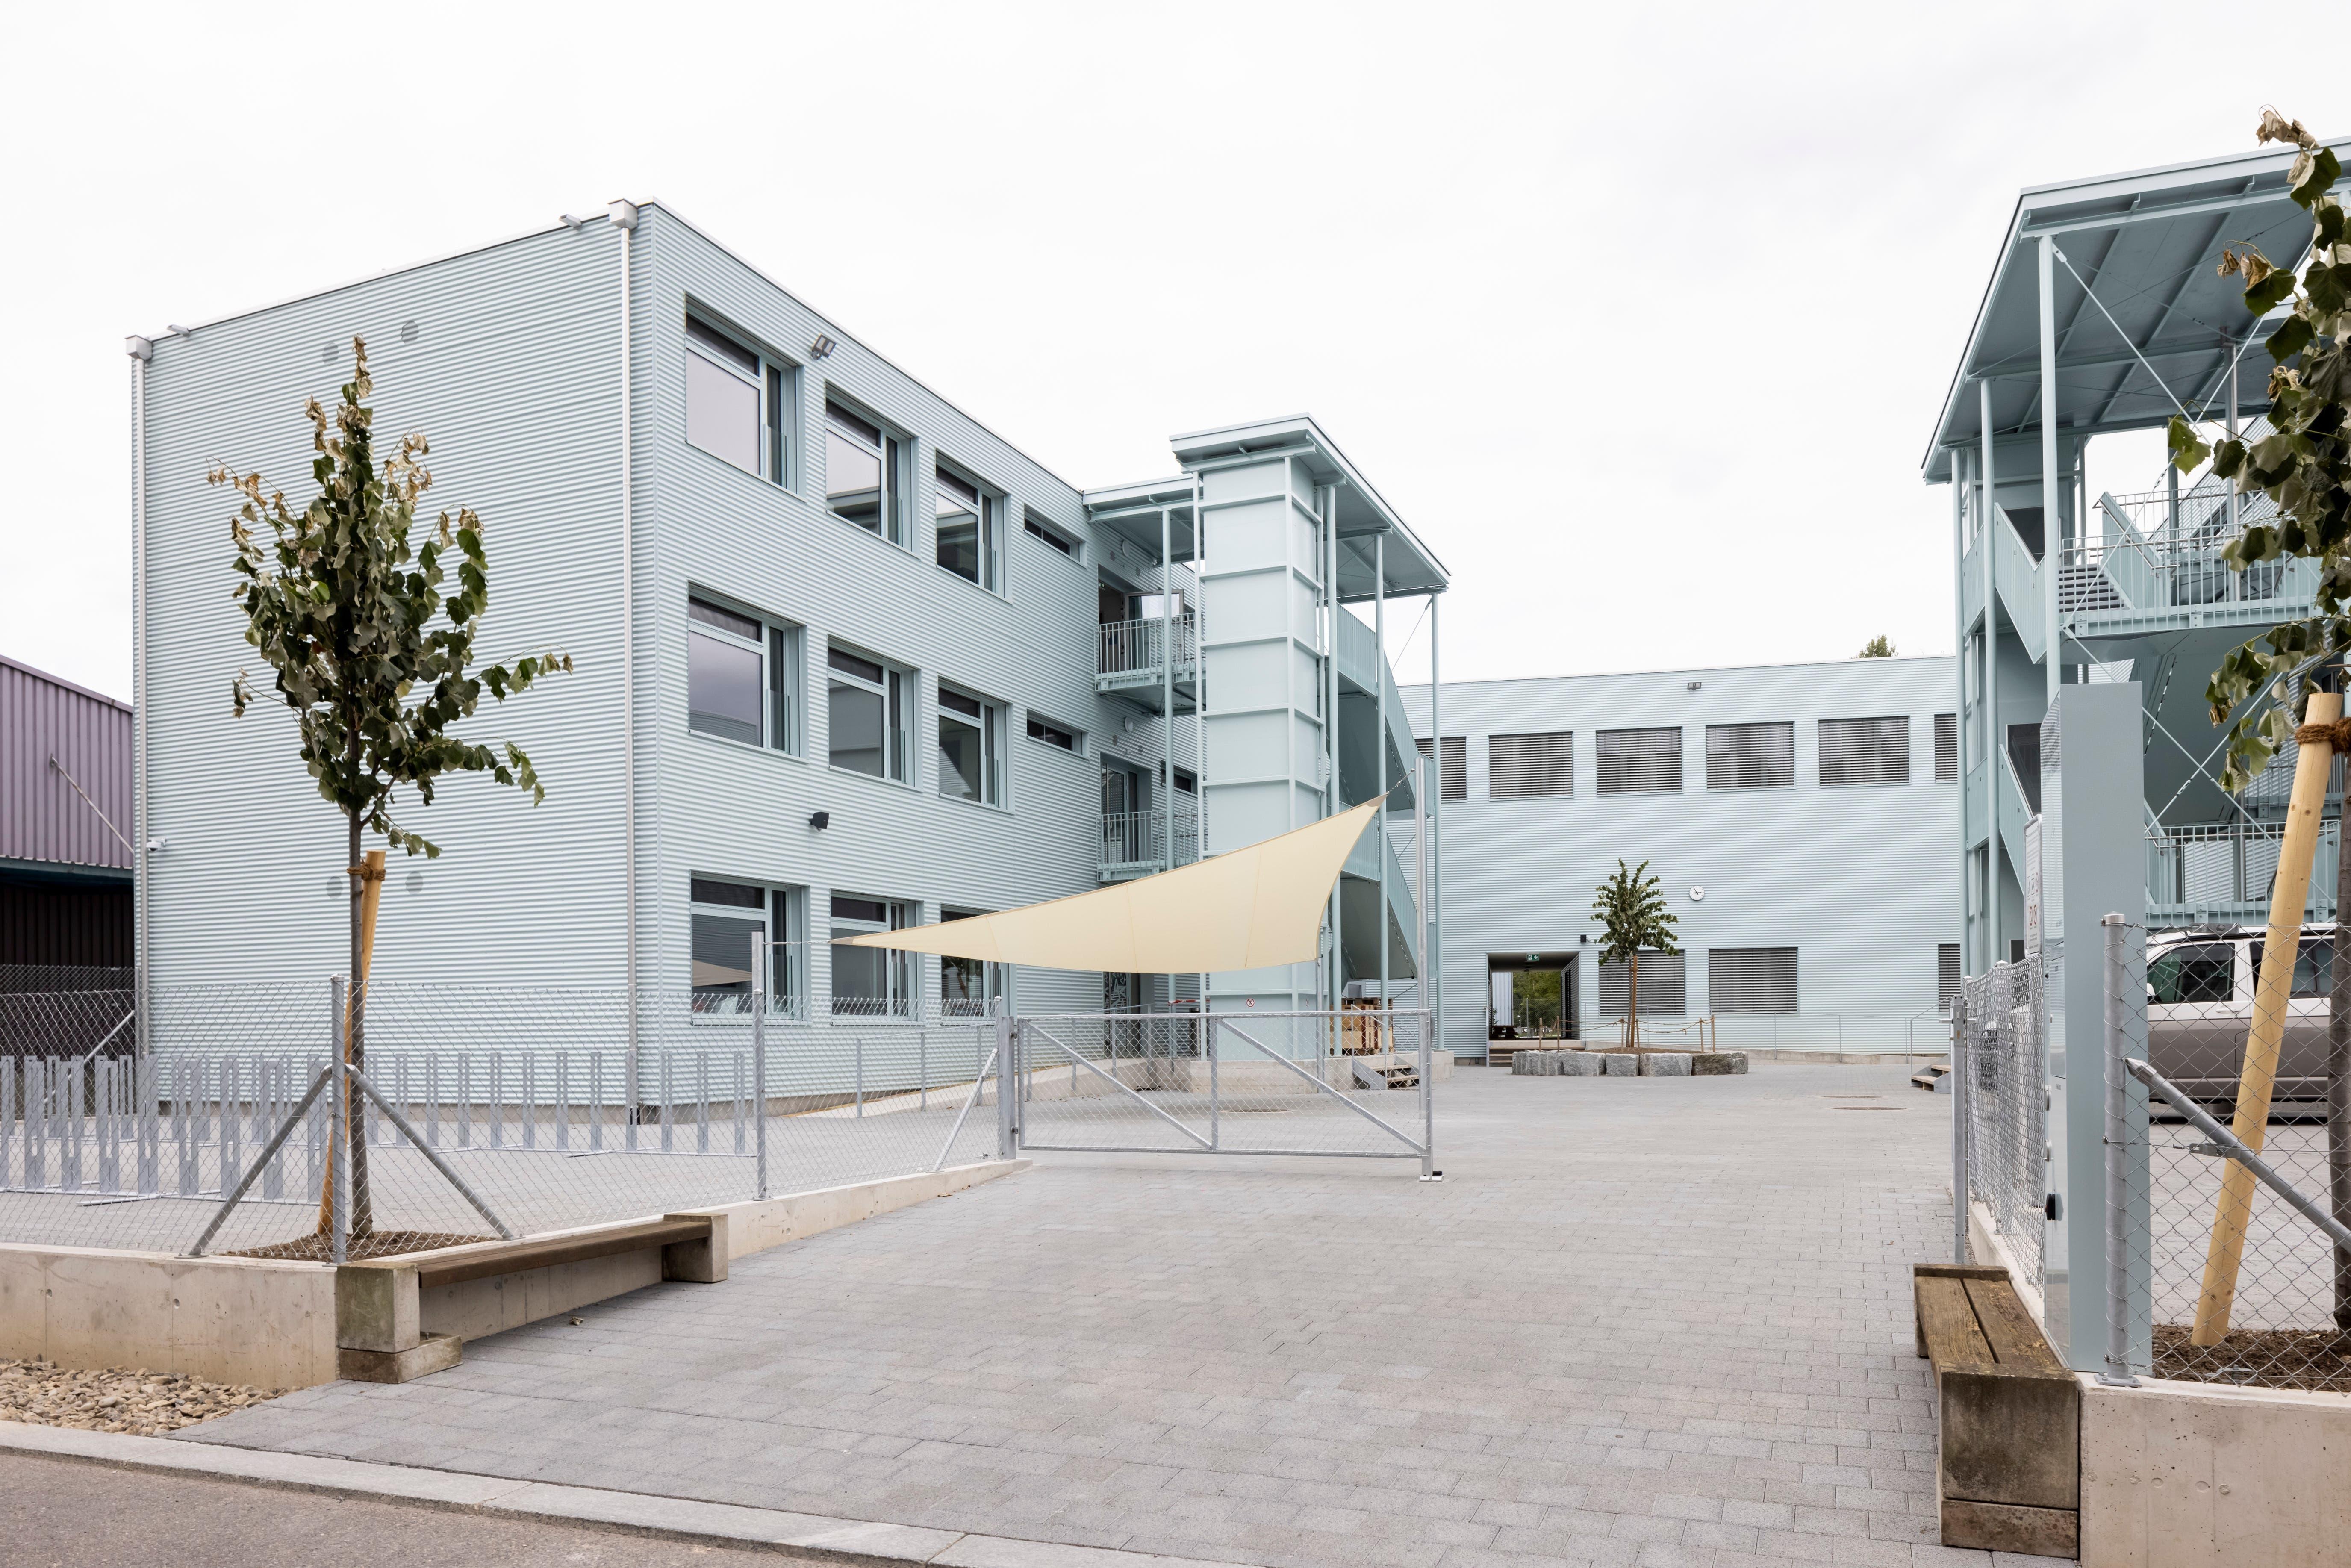 Mit dem Schulhauspavillon Stierenmatt eröffnet nächste Woche die erste Tagesschule in Dietikon. Es ist auch die erste Primarschule im relativ jungen Quartier Limmatfeld.